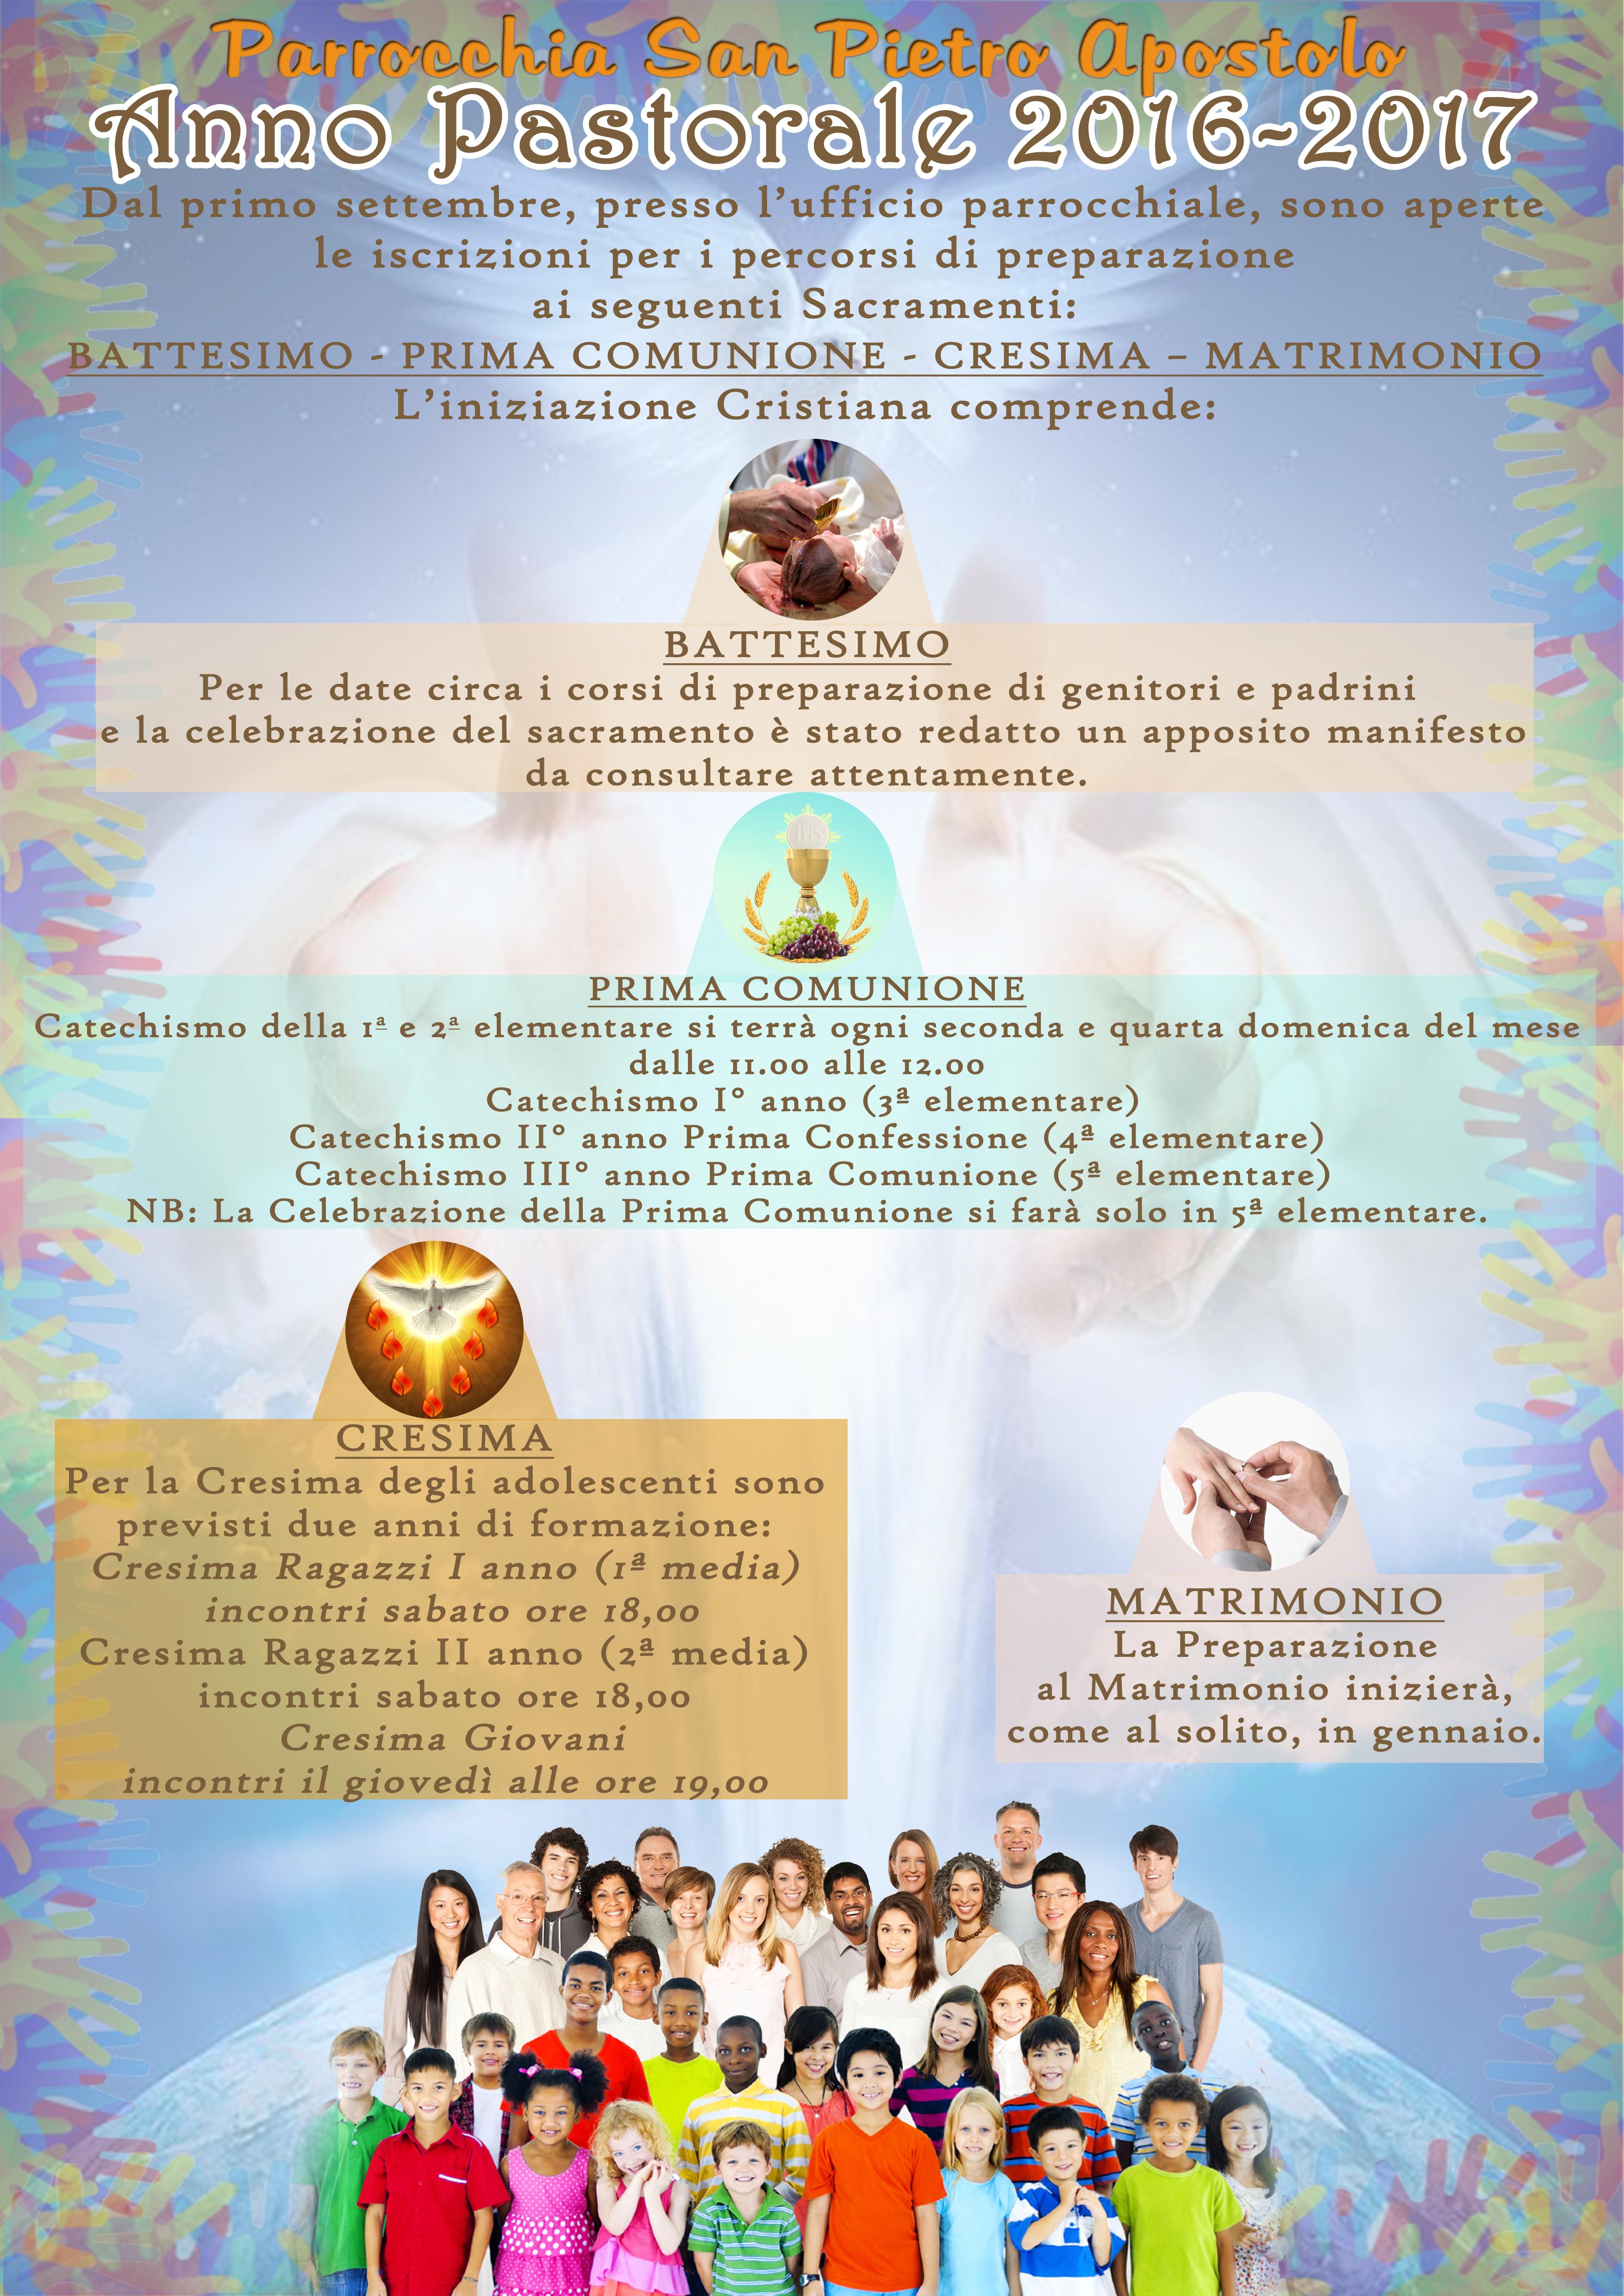 Anno Pastorlae 2016-2017